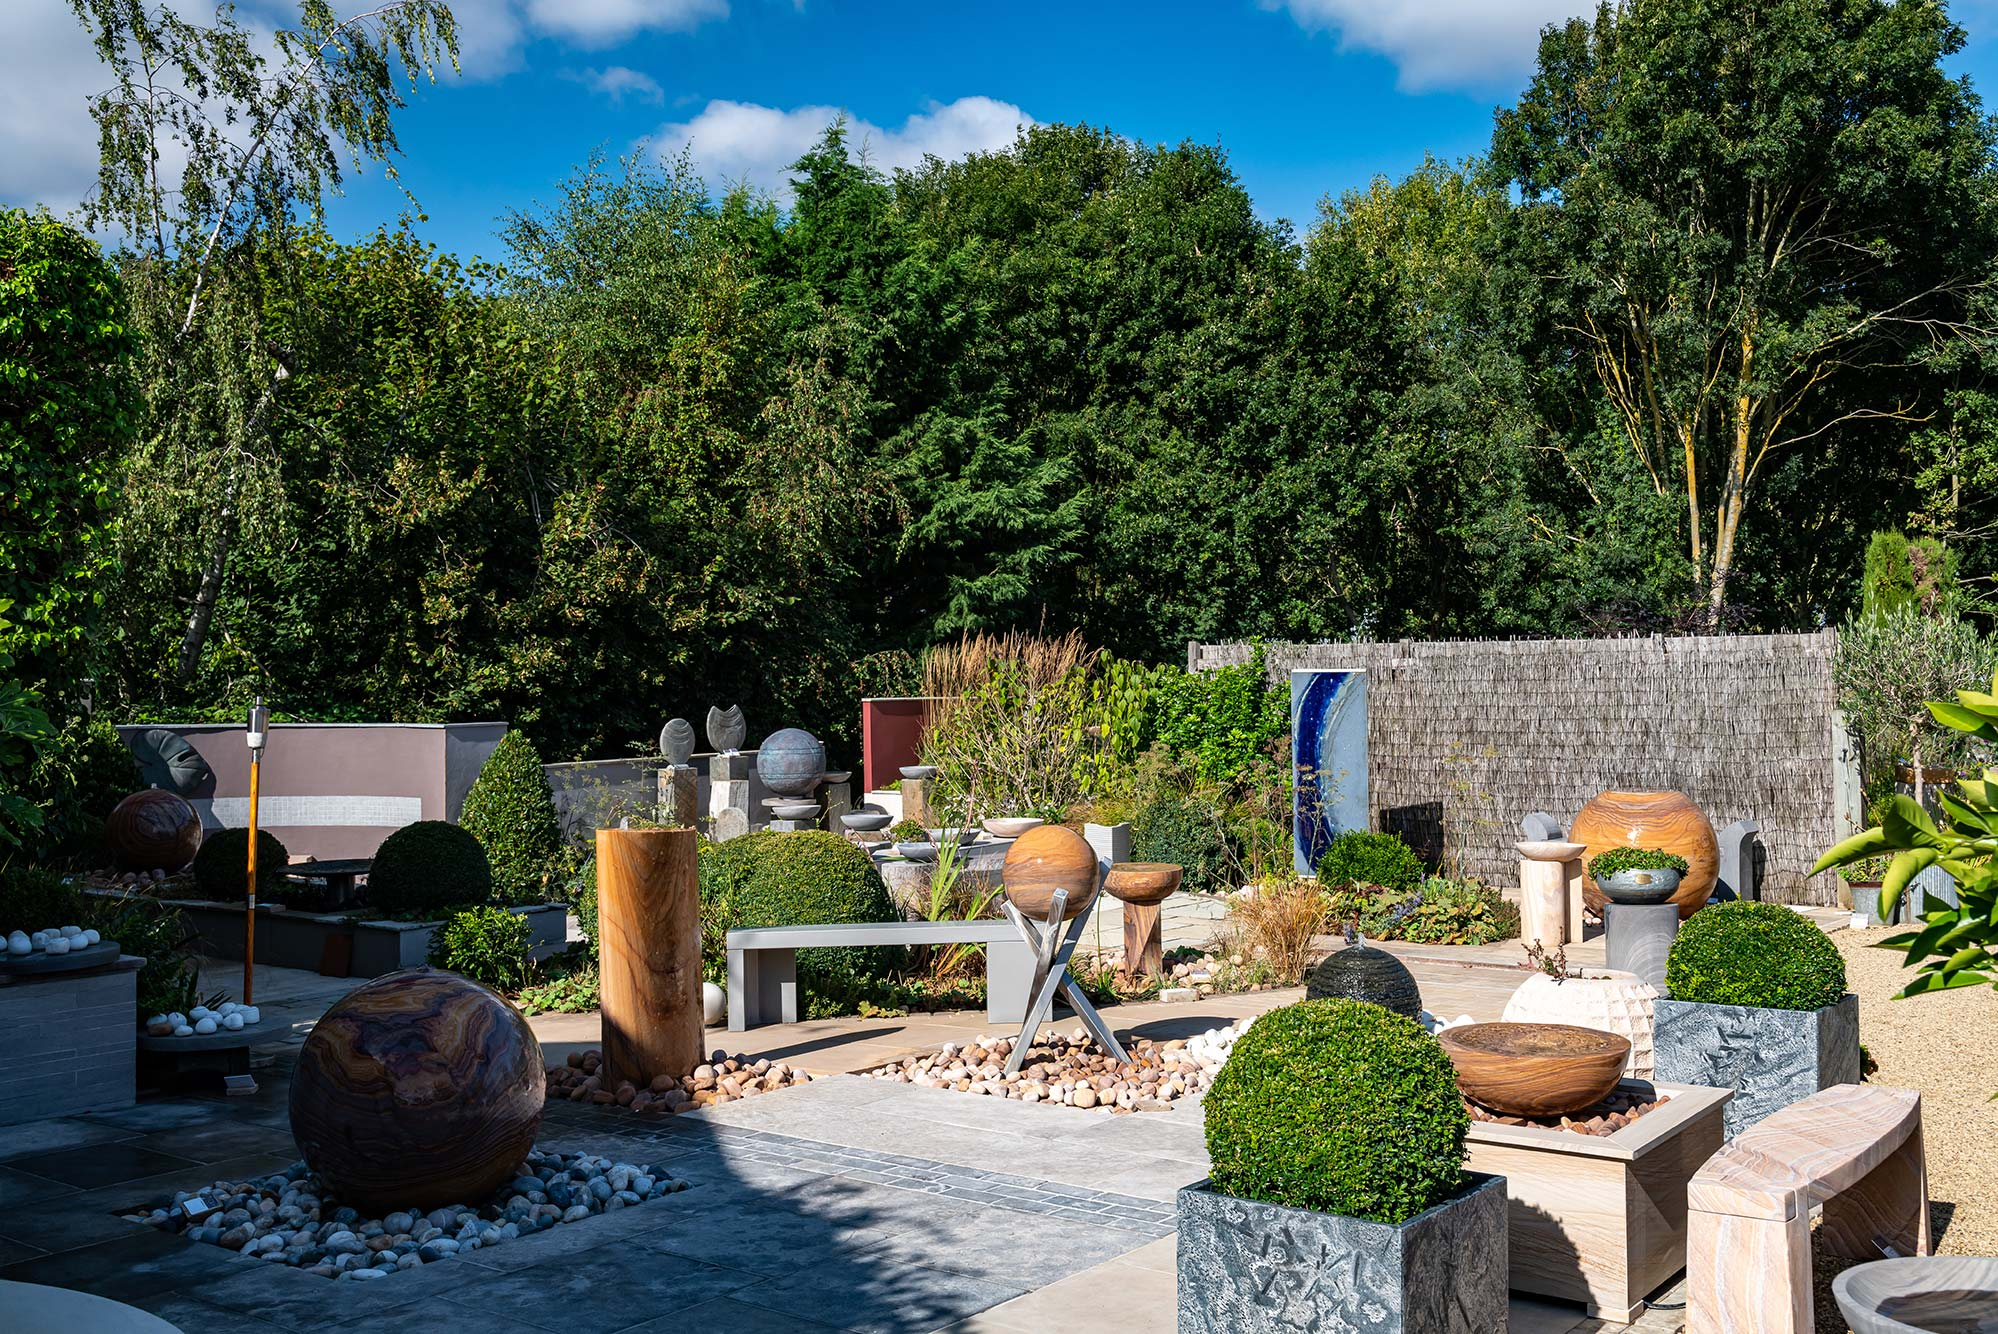 Foras Stowbridge show garden